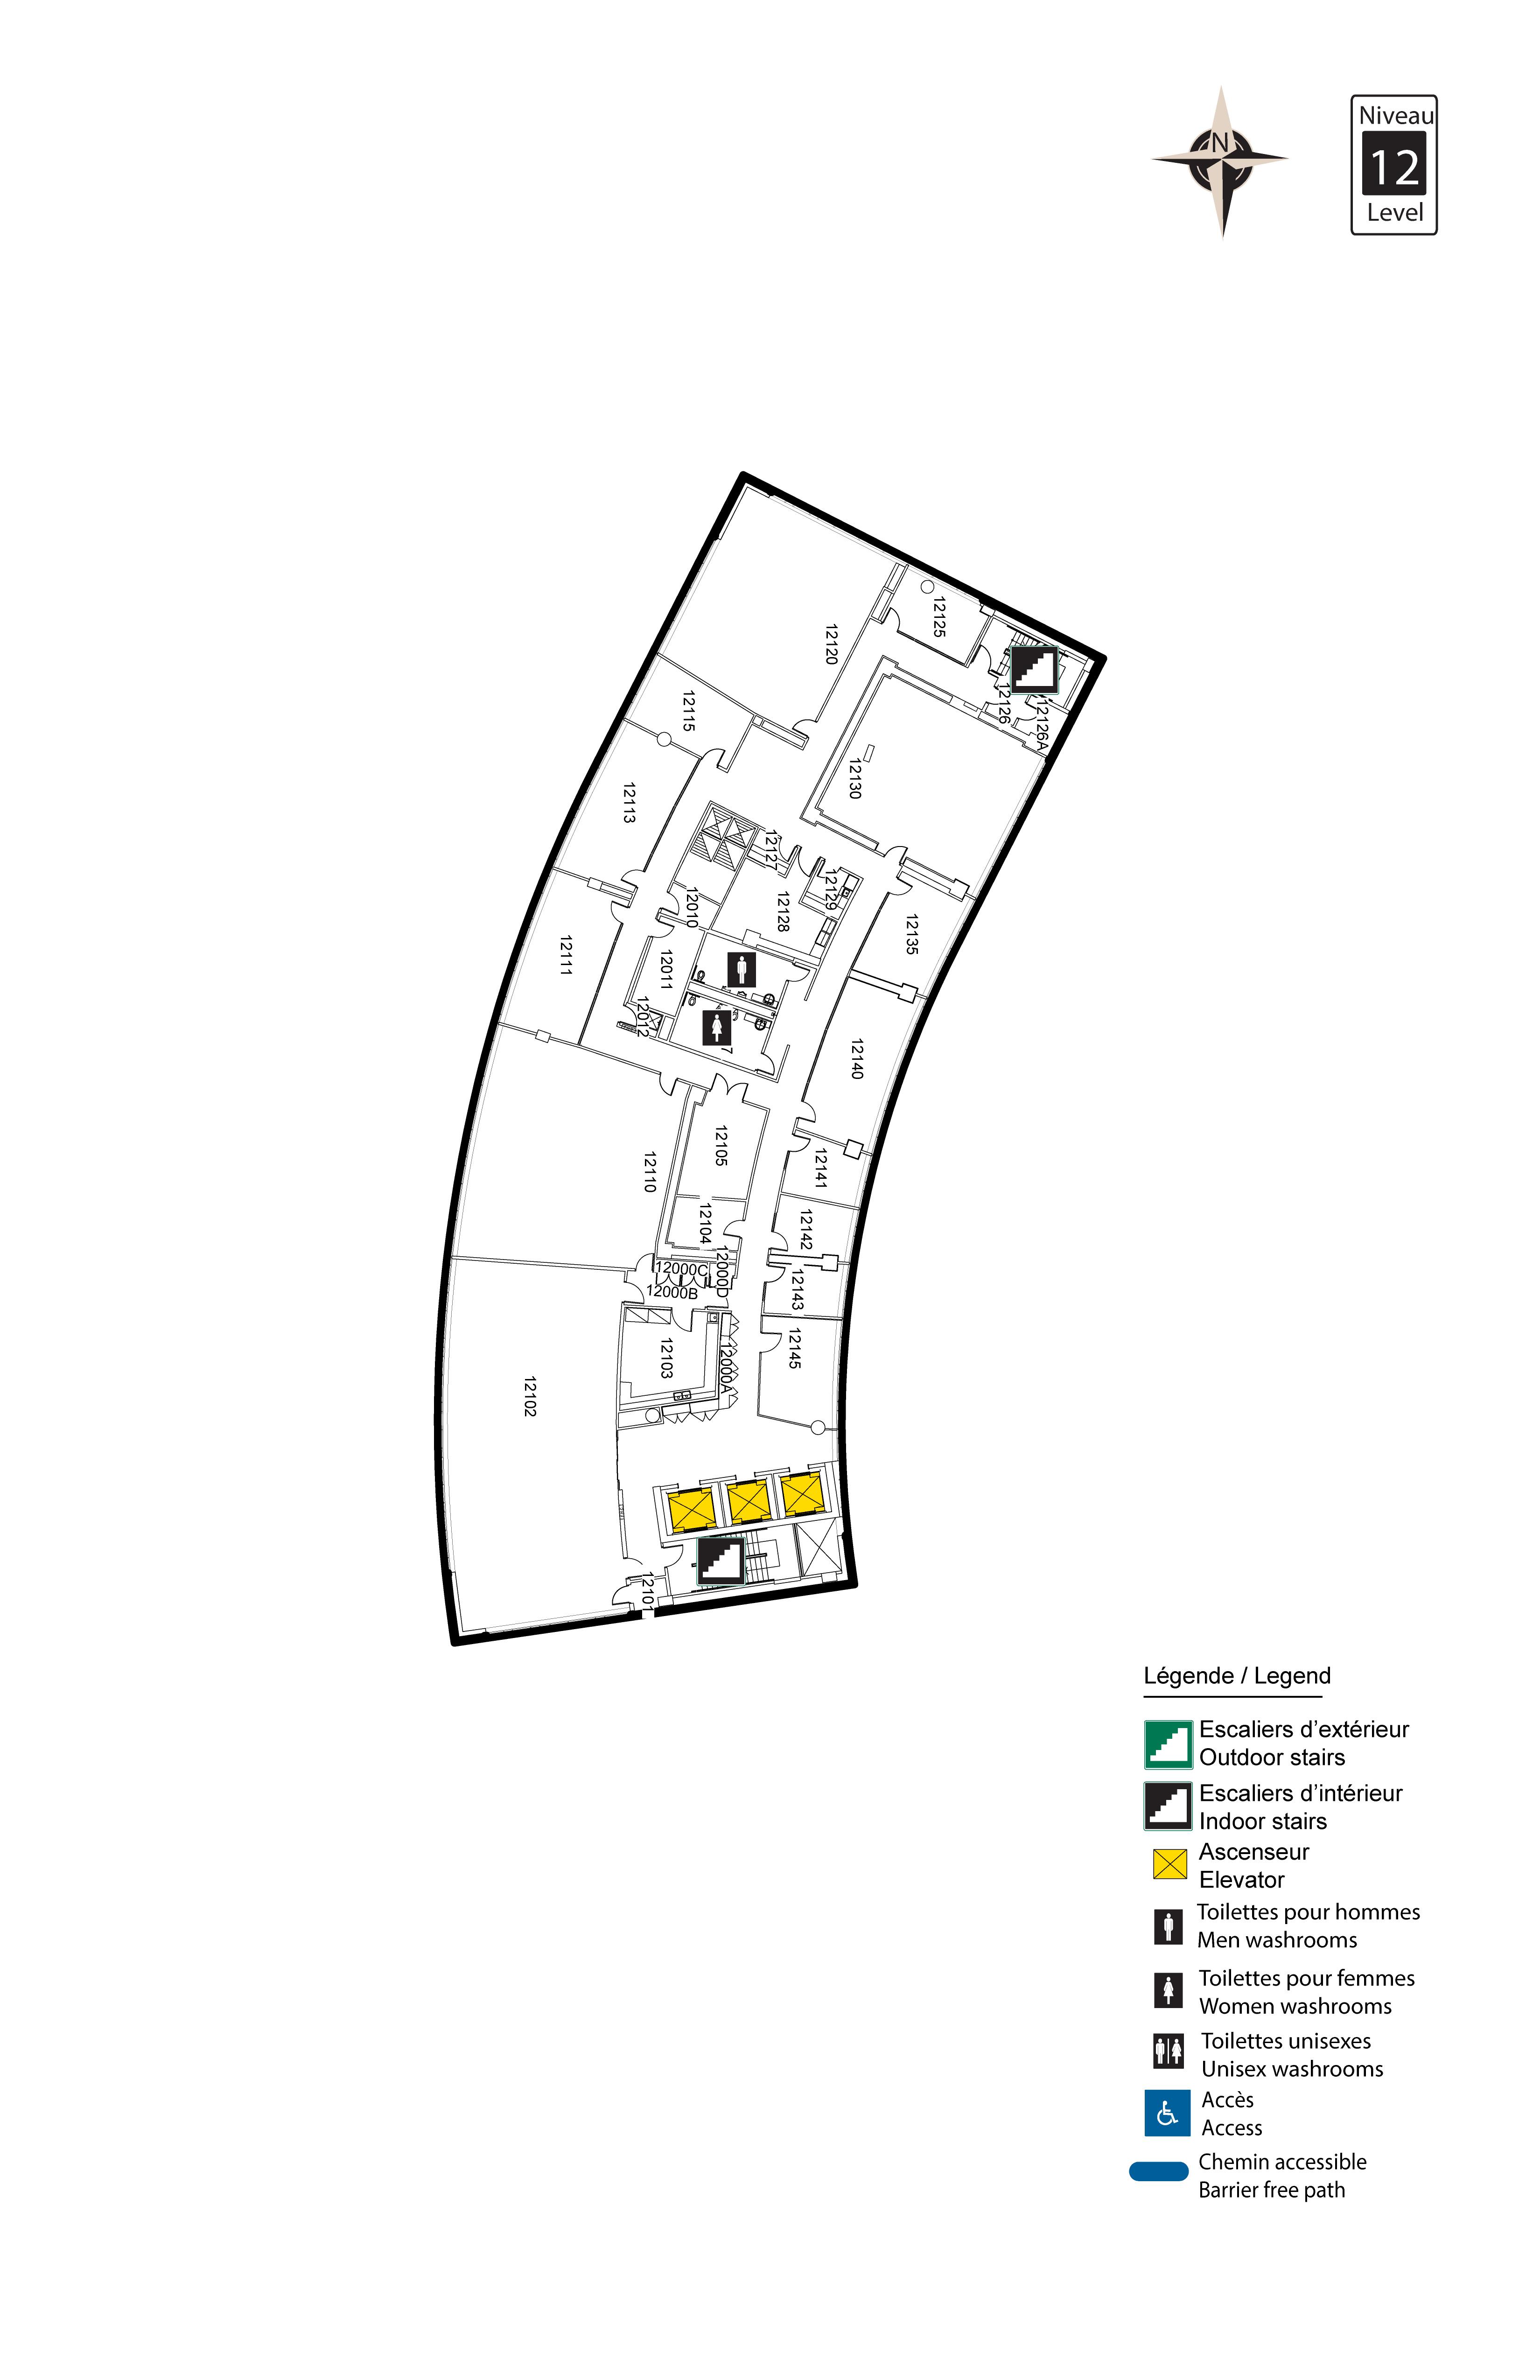 Accessible map - Desmarais 12